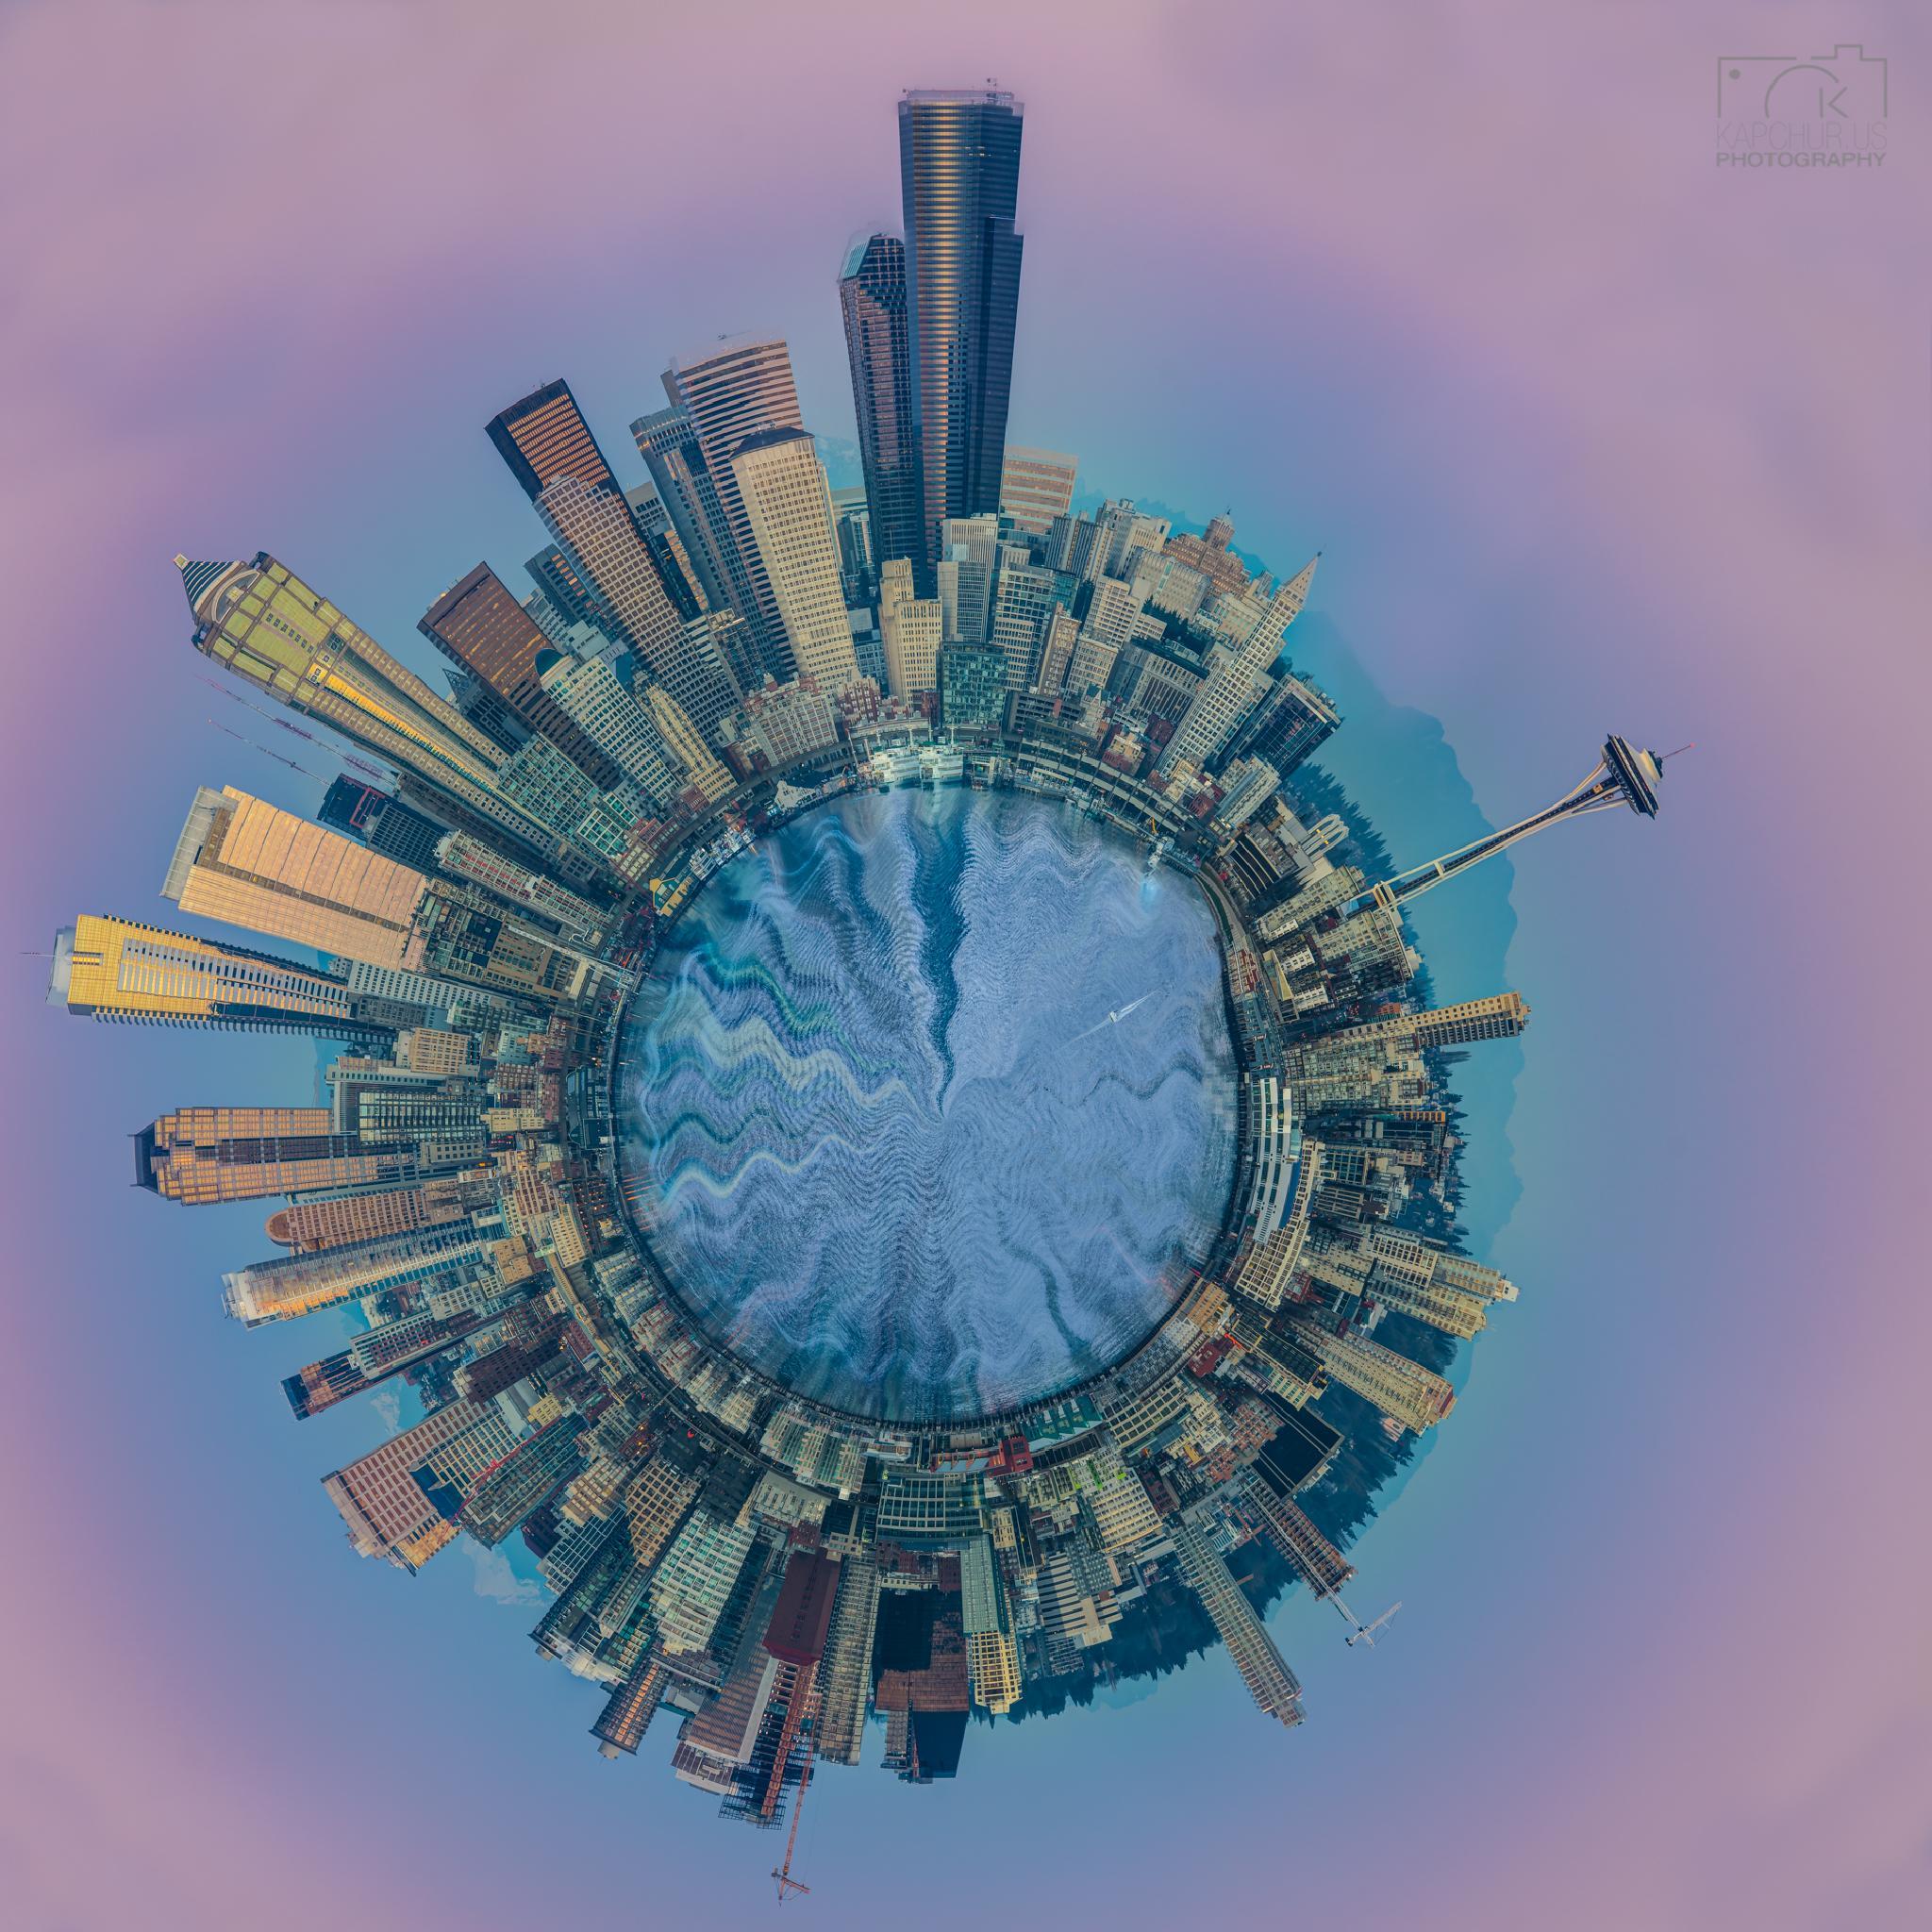 Circular Pano of Pink Seattle by kapchur.us photography (Richard Wood)